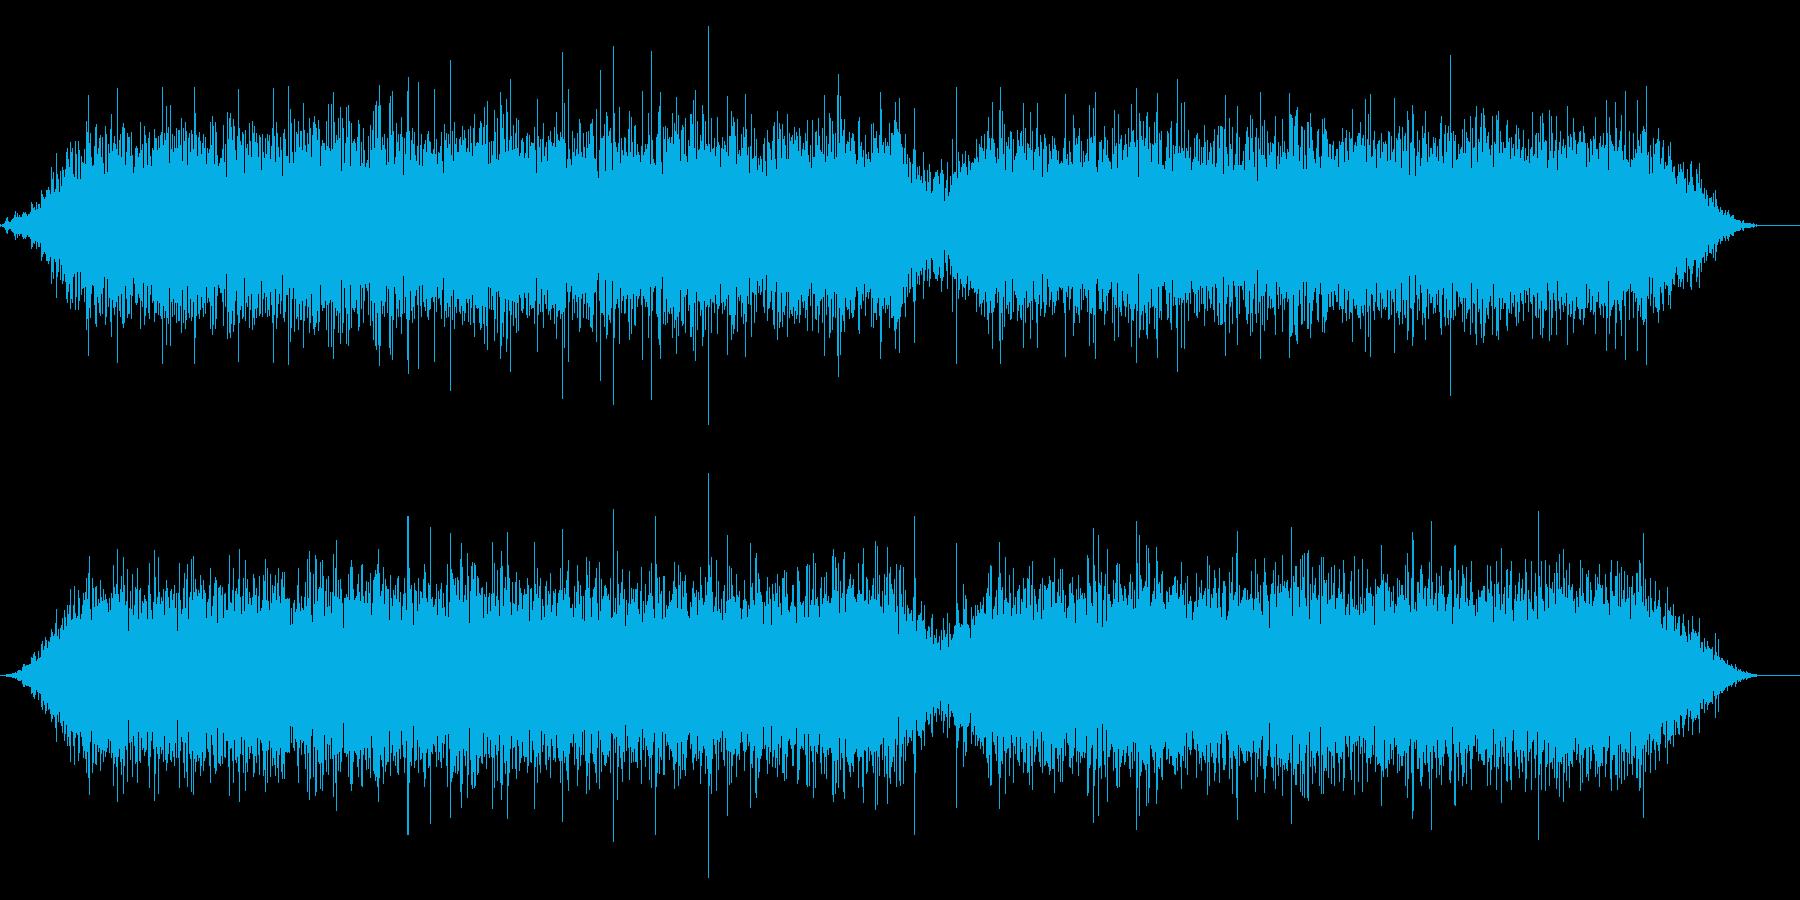 深海2 プクプク 水中 長め 生物の音の再生済みの波形